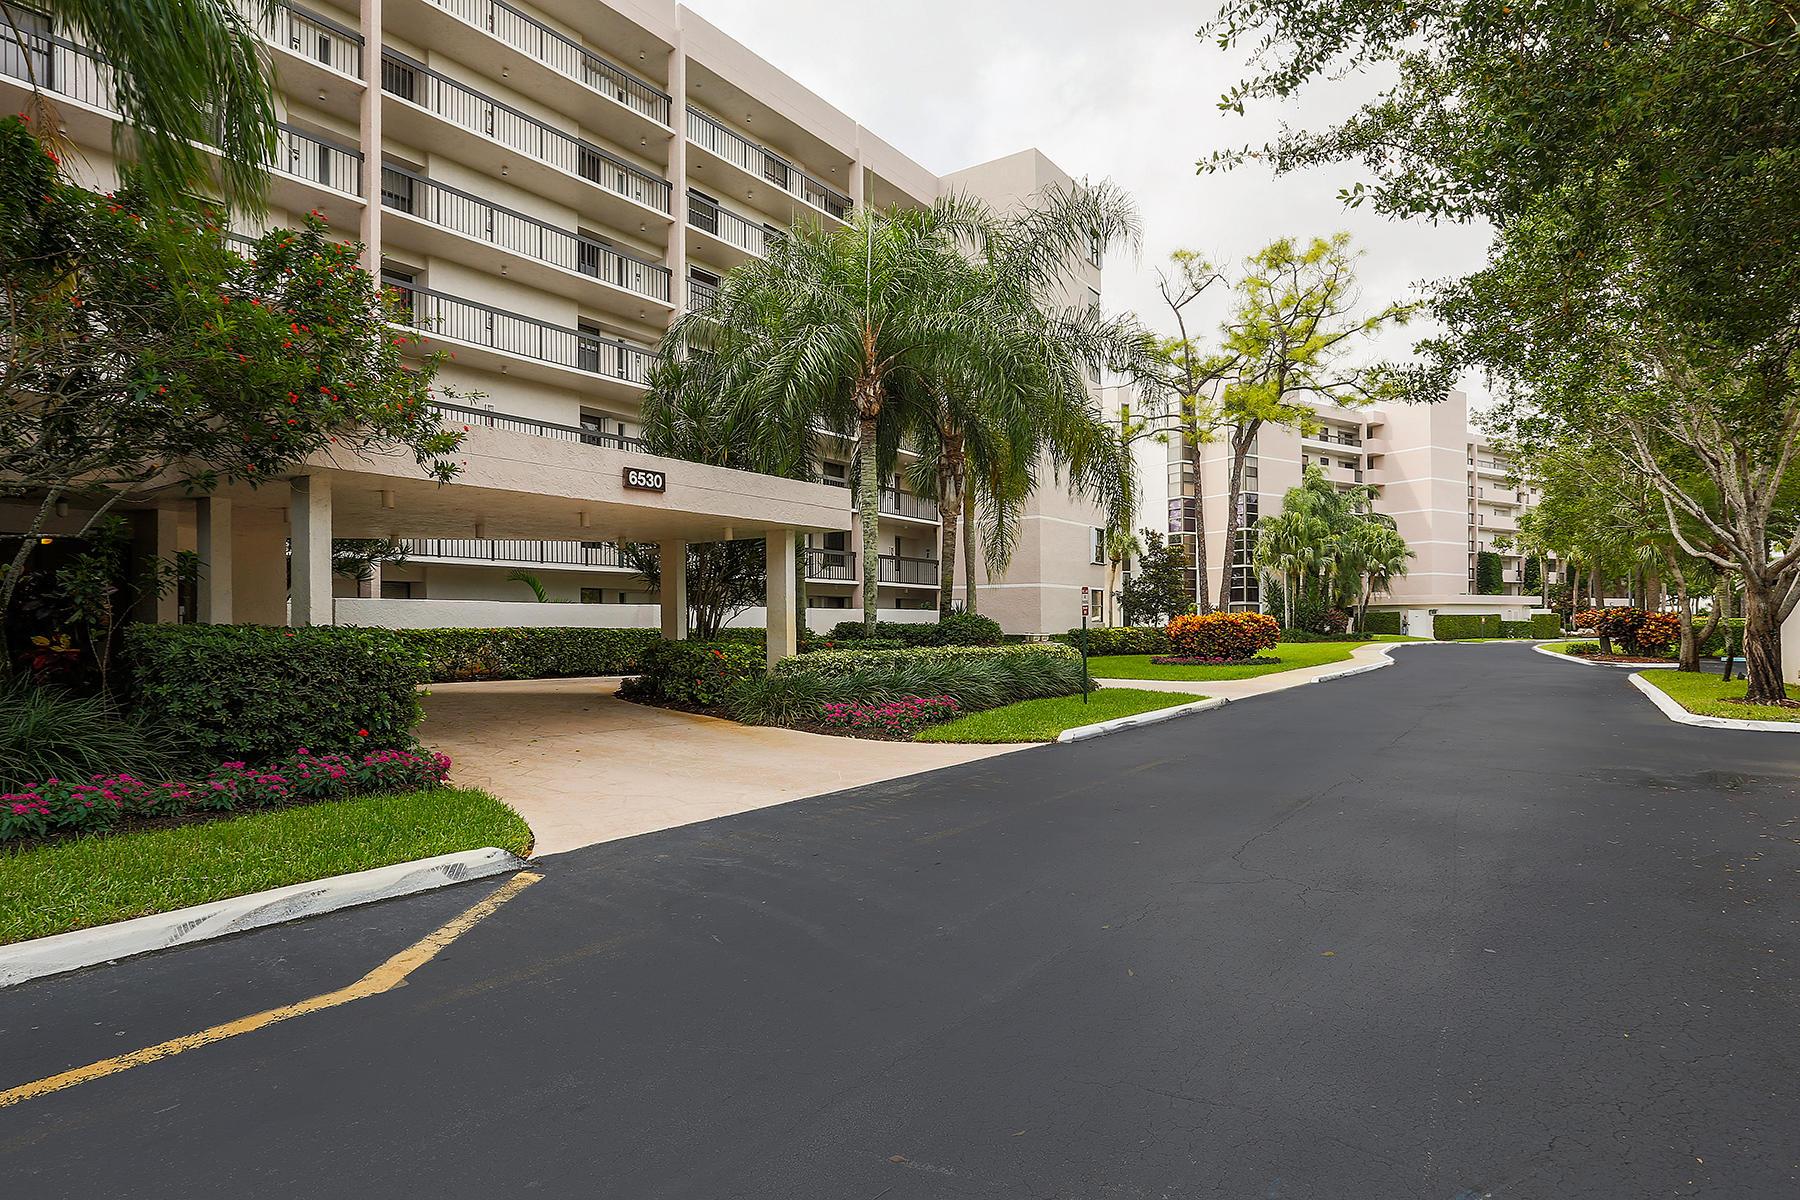 6530 Boca Del Mar Drive, 233 - Boca Raton, Florida